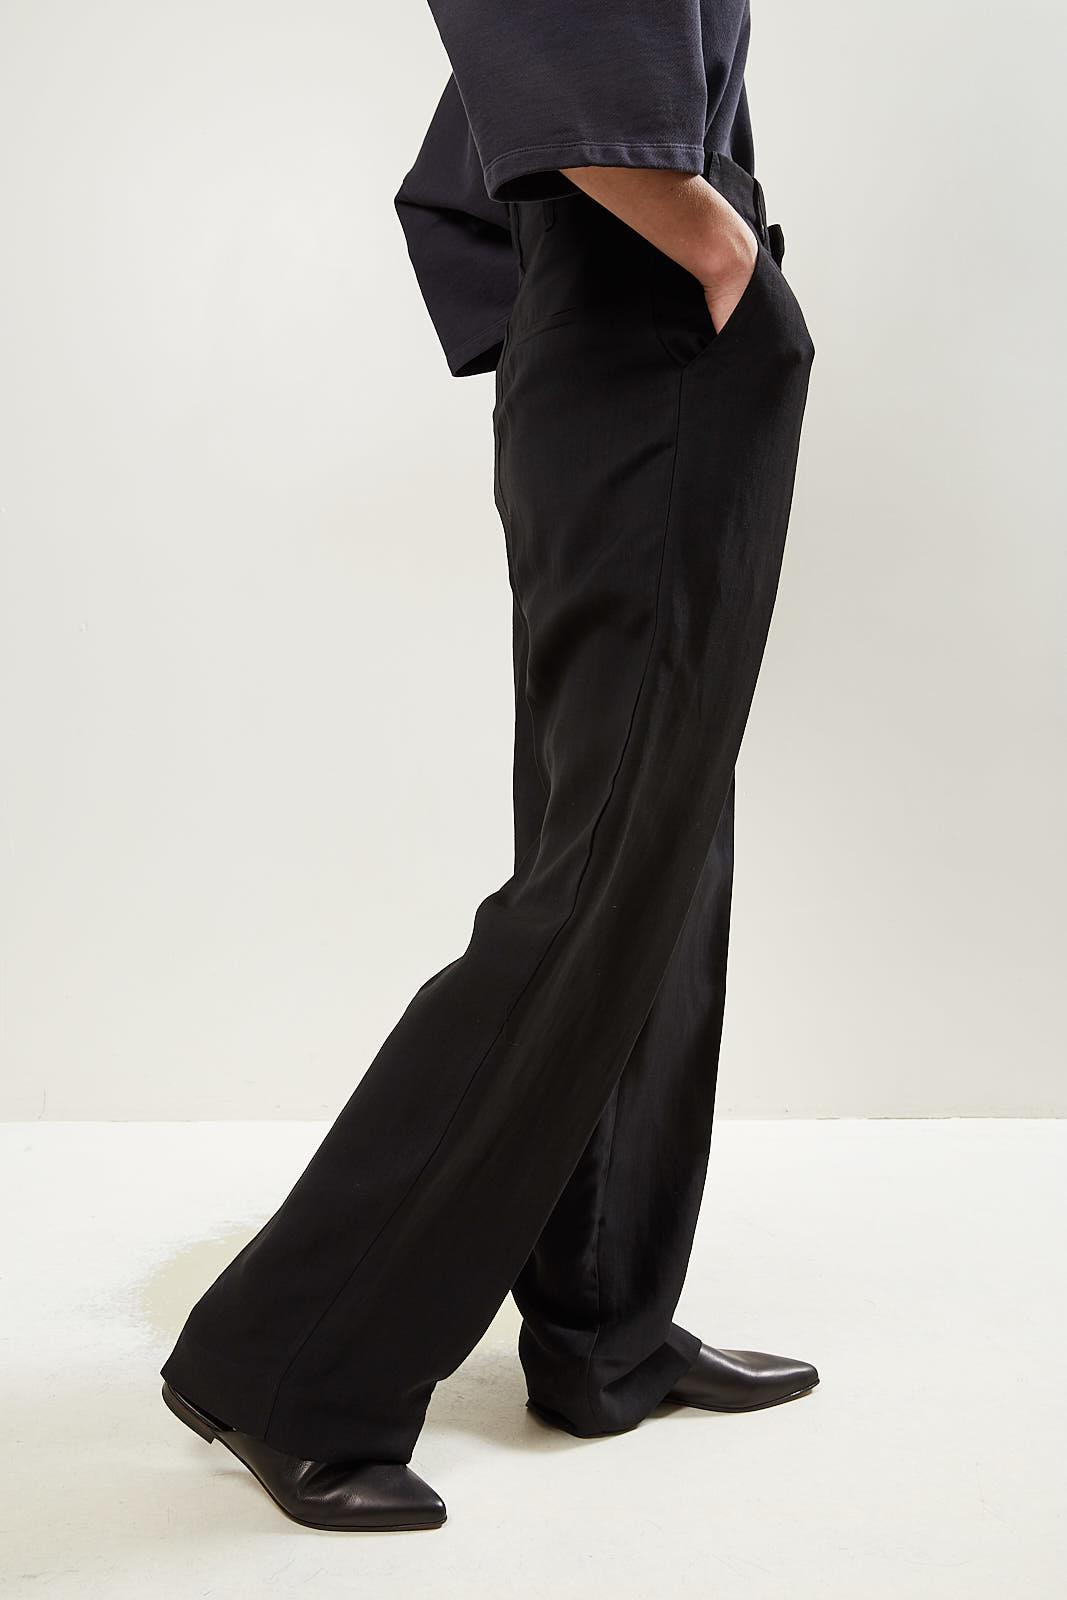 Humanoid Bebe blondie trouser